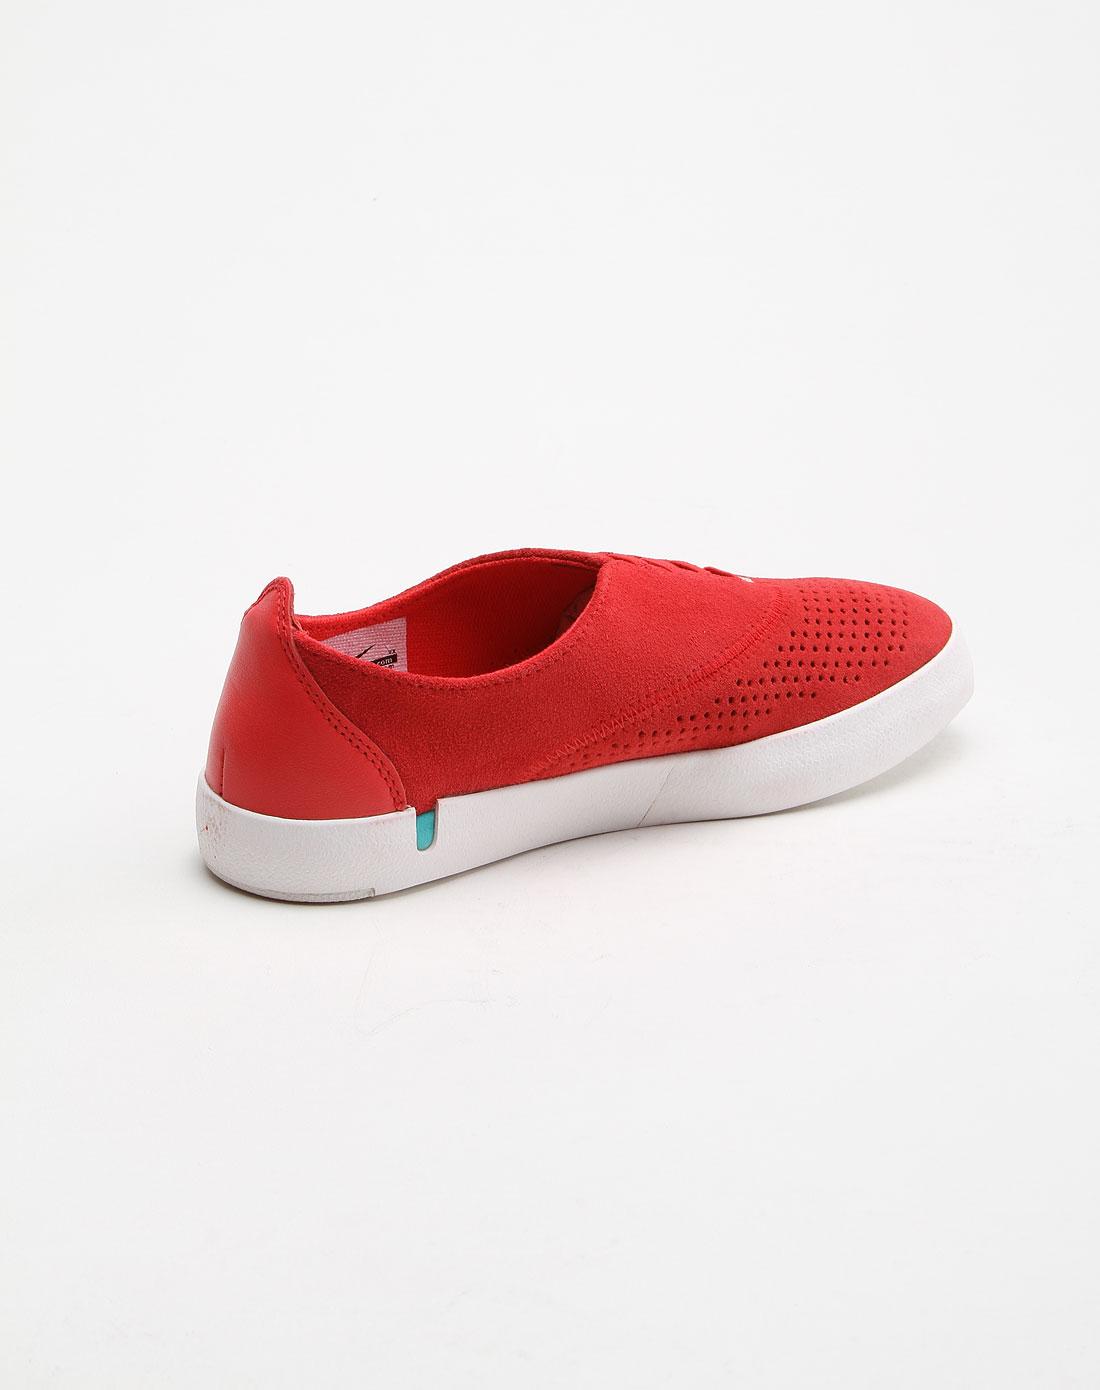 耐克nike-女款冲孔透气个性红色休闲鞋511311-600